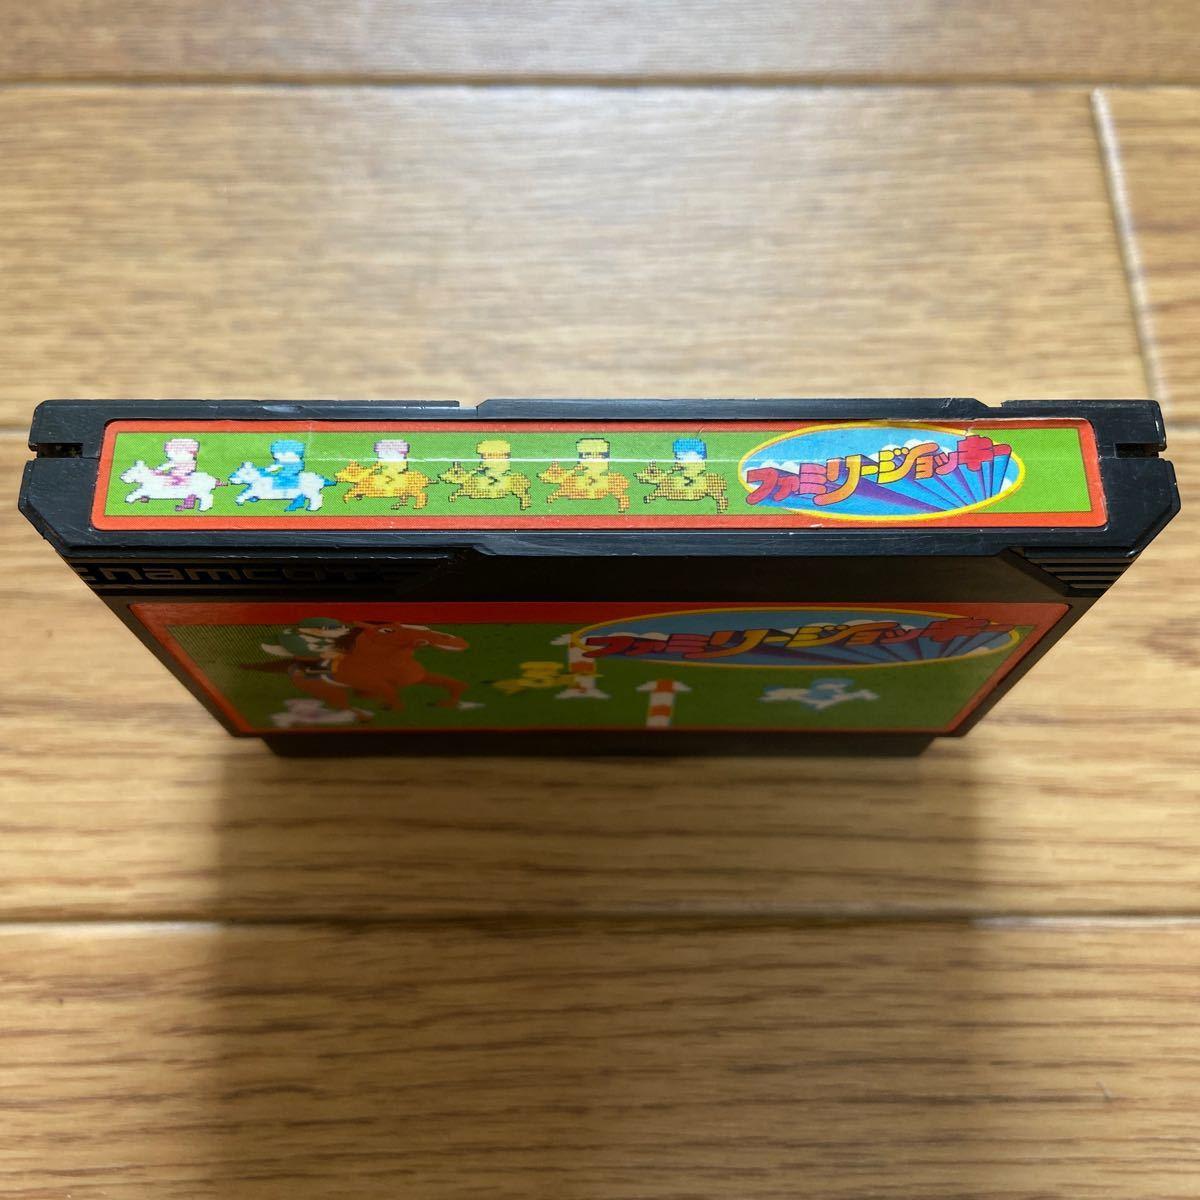 ファミコンソフト ファミリージョッキー(1987)ナムコ